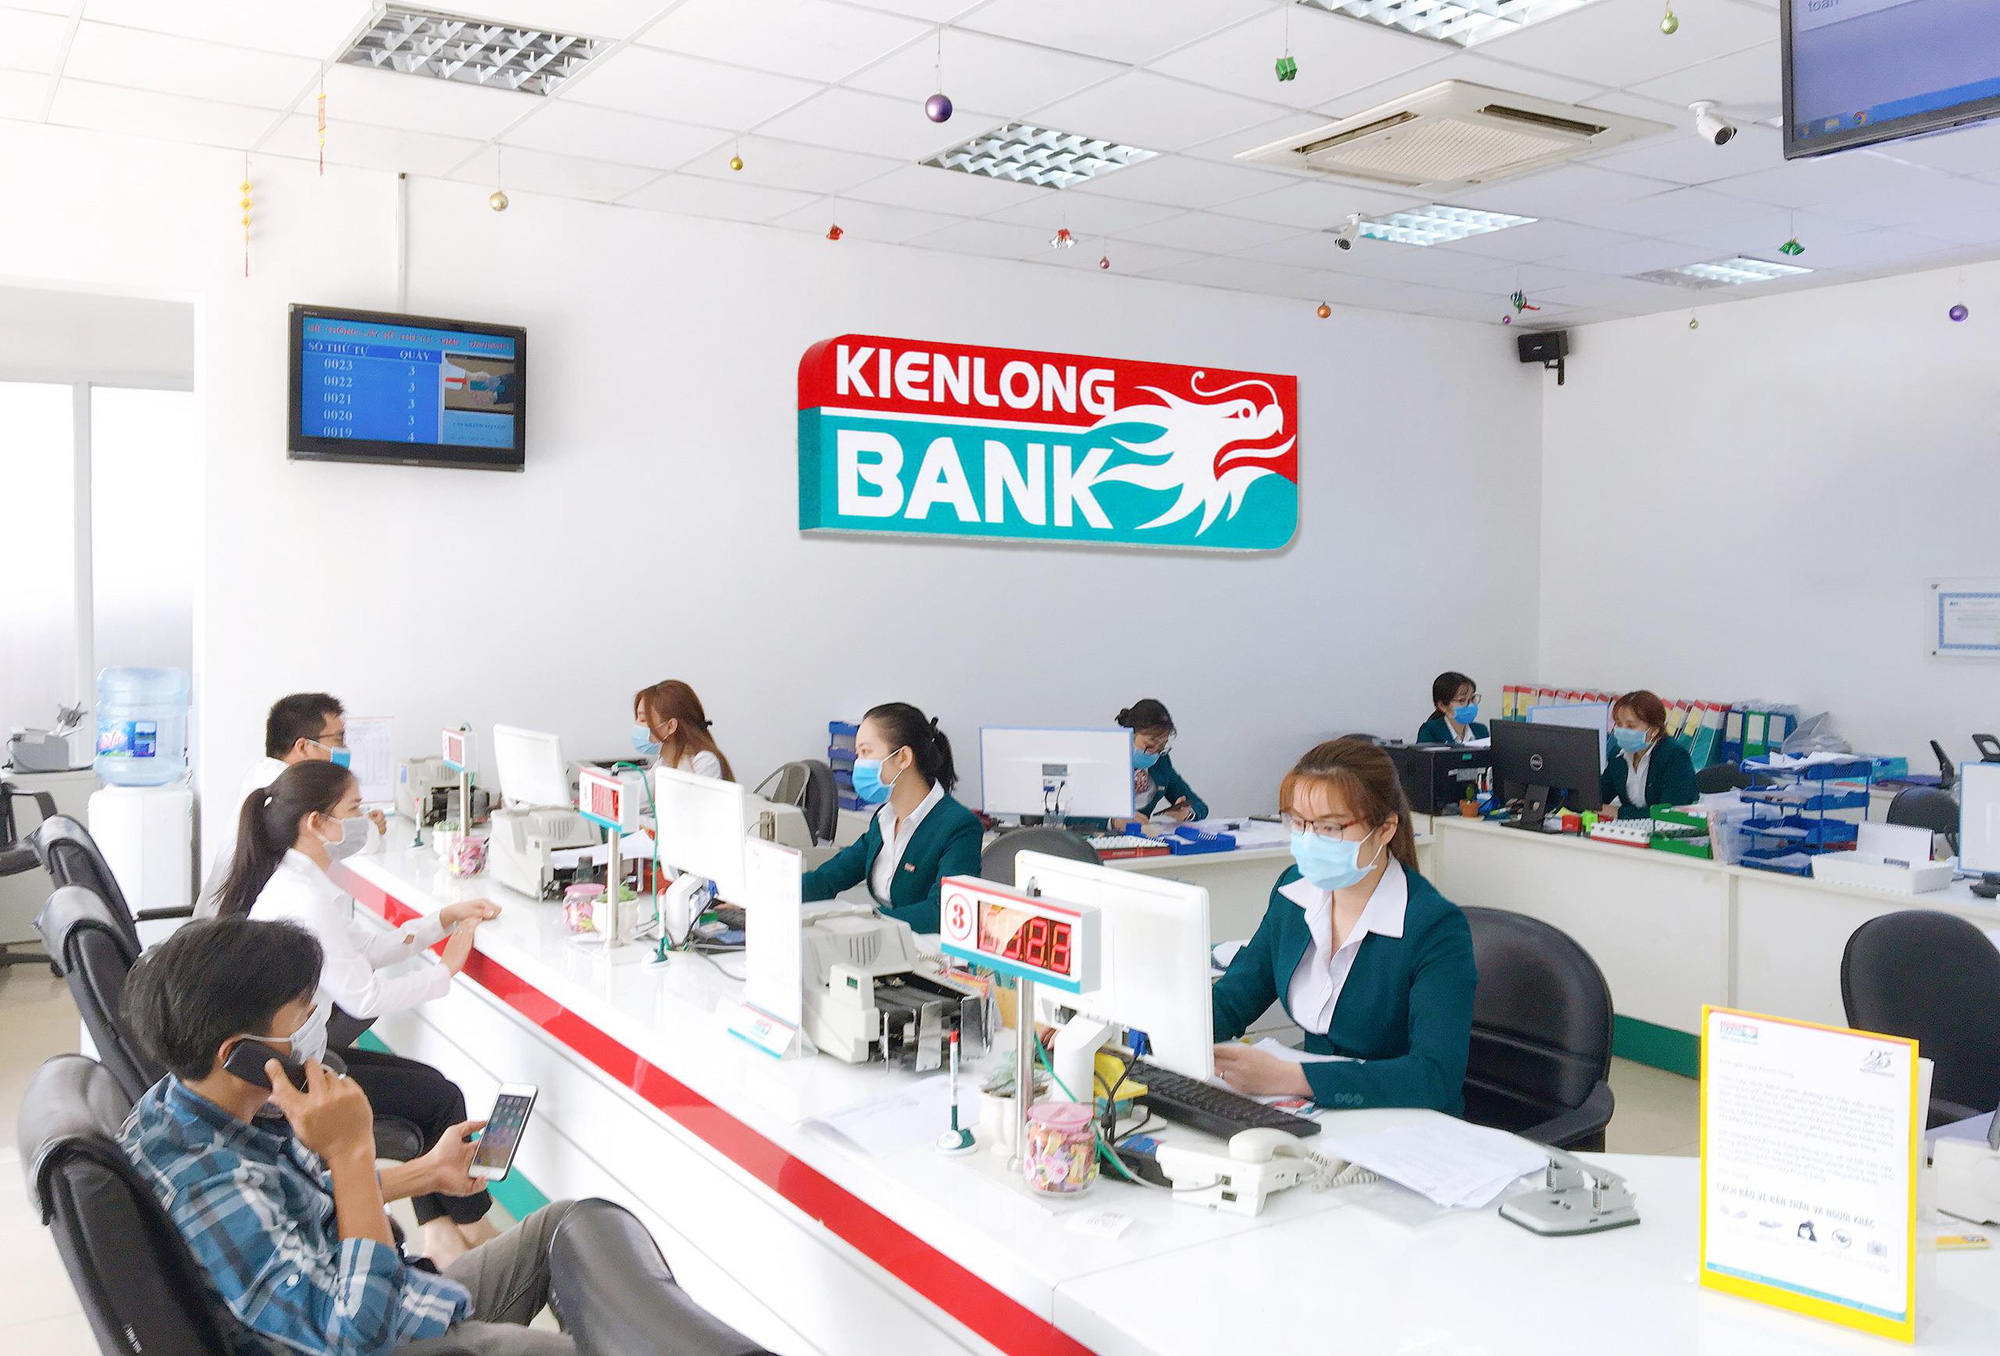 Kienlongbank lãi 9 tháng gấp 6 lần cùng kỳ, thu dịch vụ tăng đột biến - Ảnh 1.